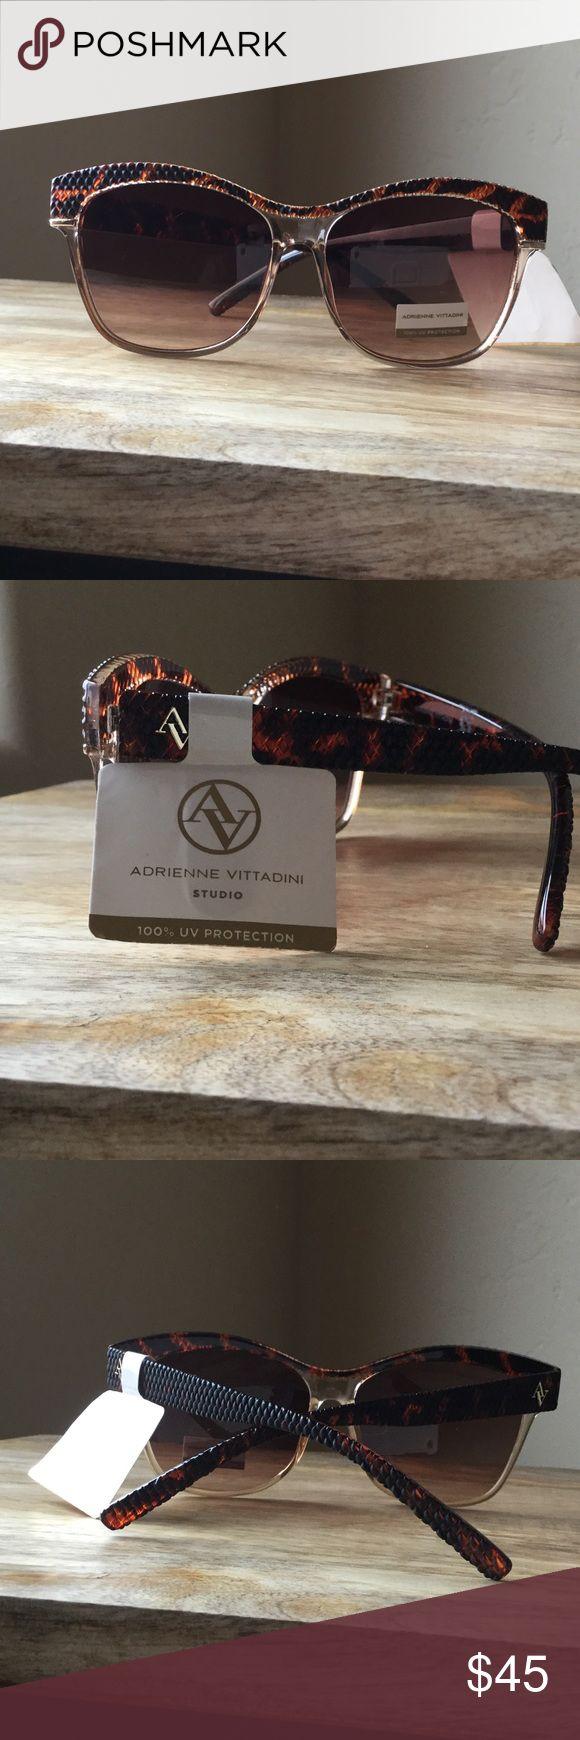 💎Adrienne Vittadini Sunglasses💎 Adrienne Vittadini sunglasses. 100% UV protection. Orange-brown frame. New with tag!! Adrienne Vittadini Accessories Sunglasses